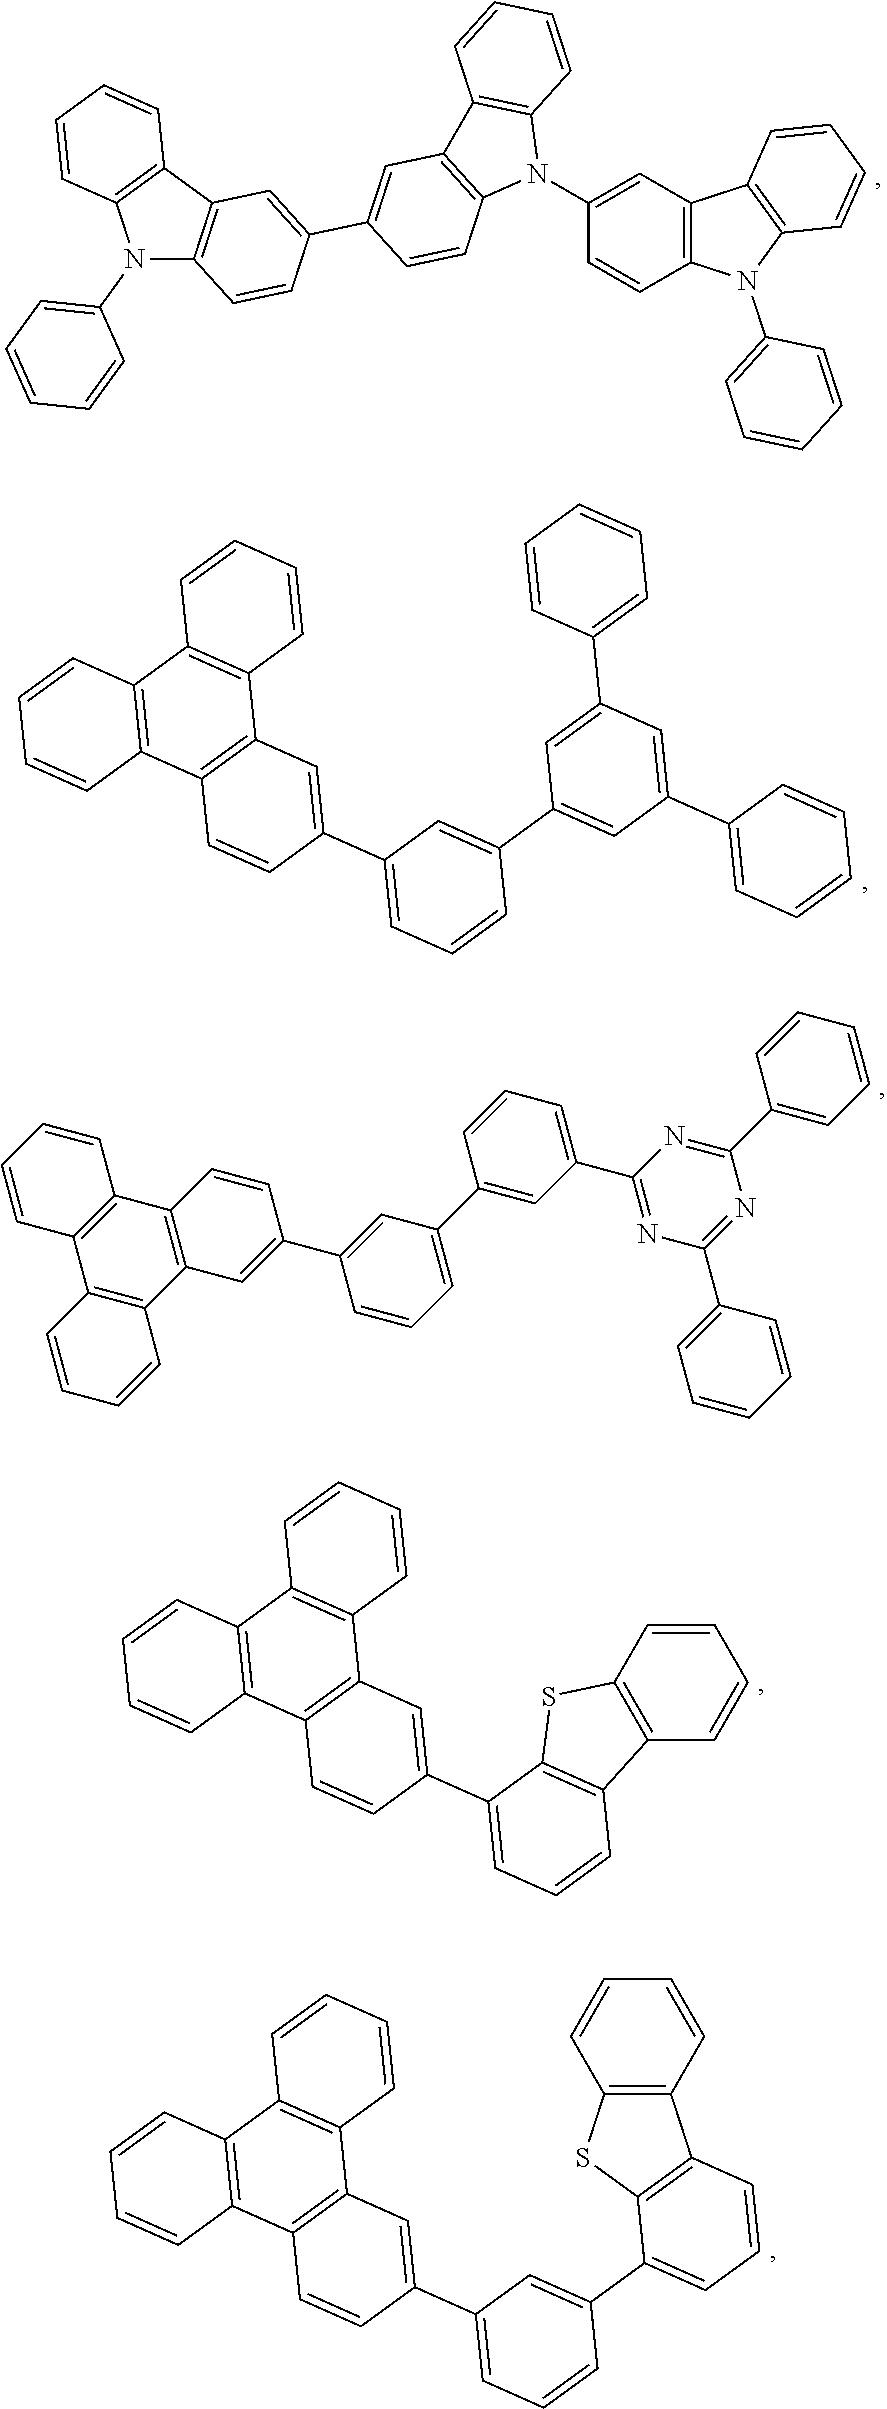 Figure US20190161504A1-20190530-C00017